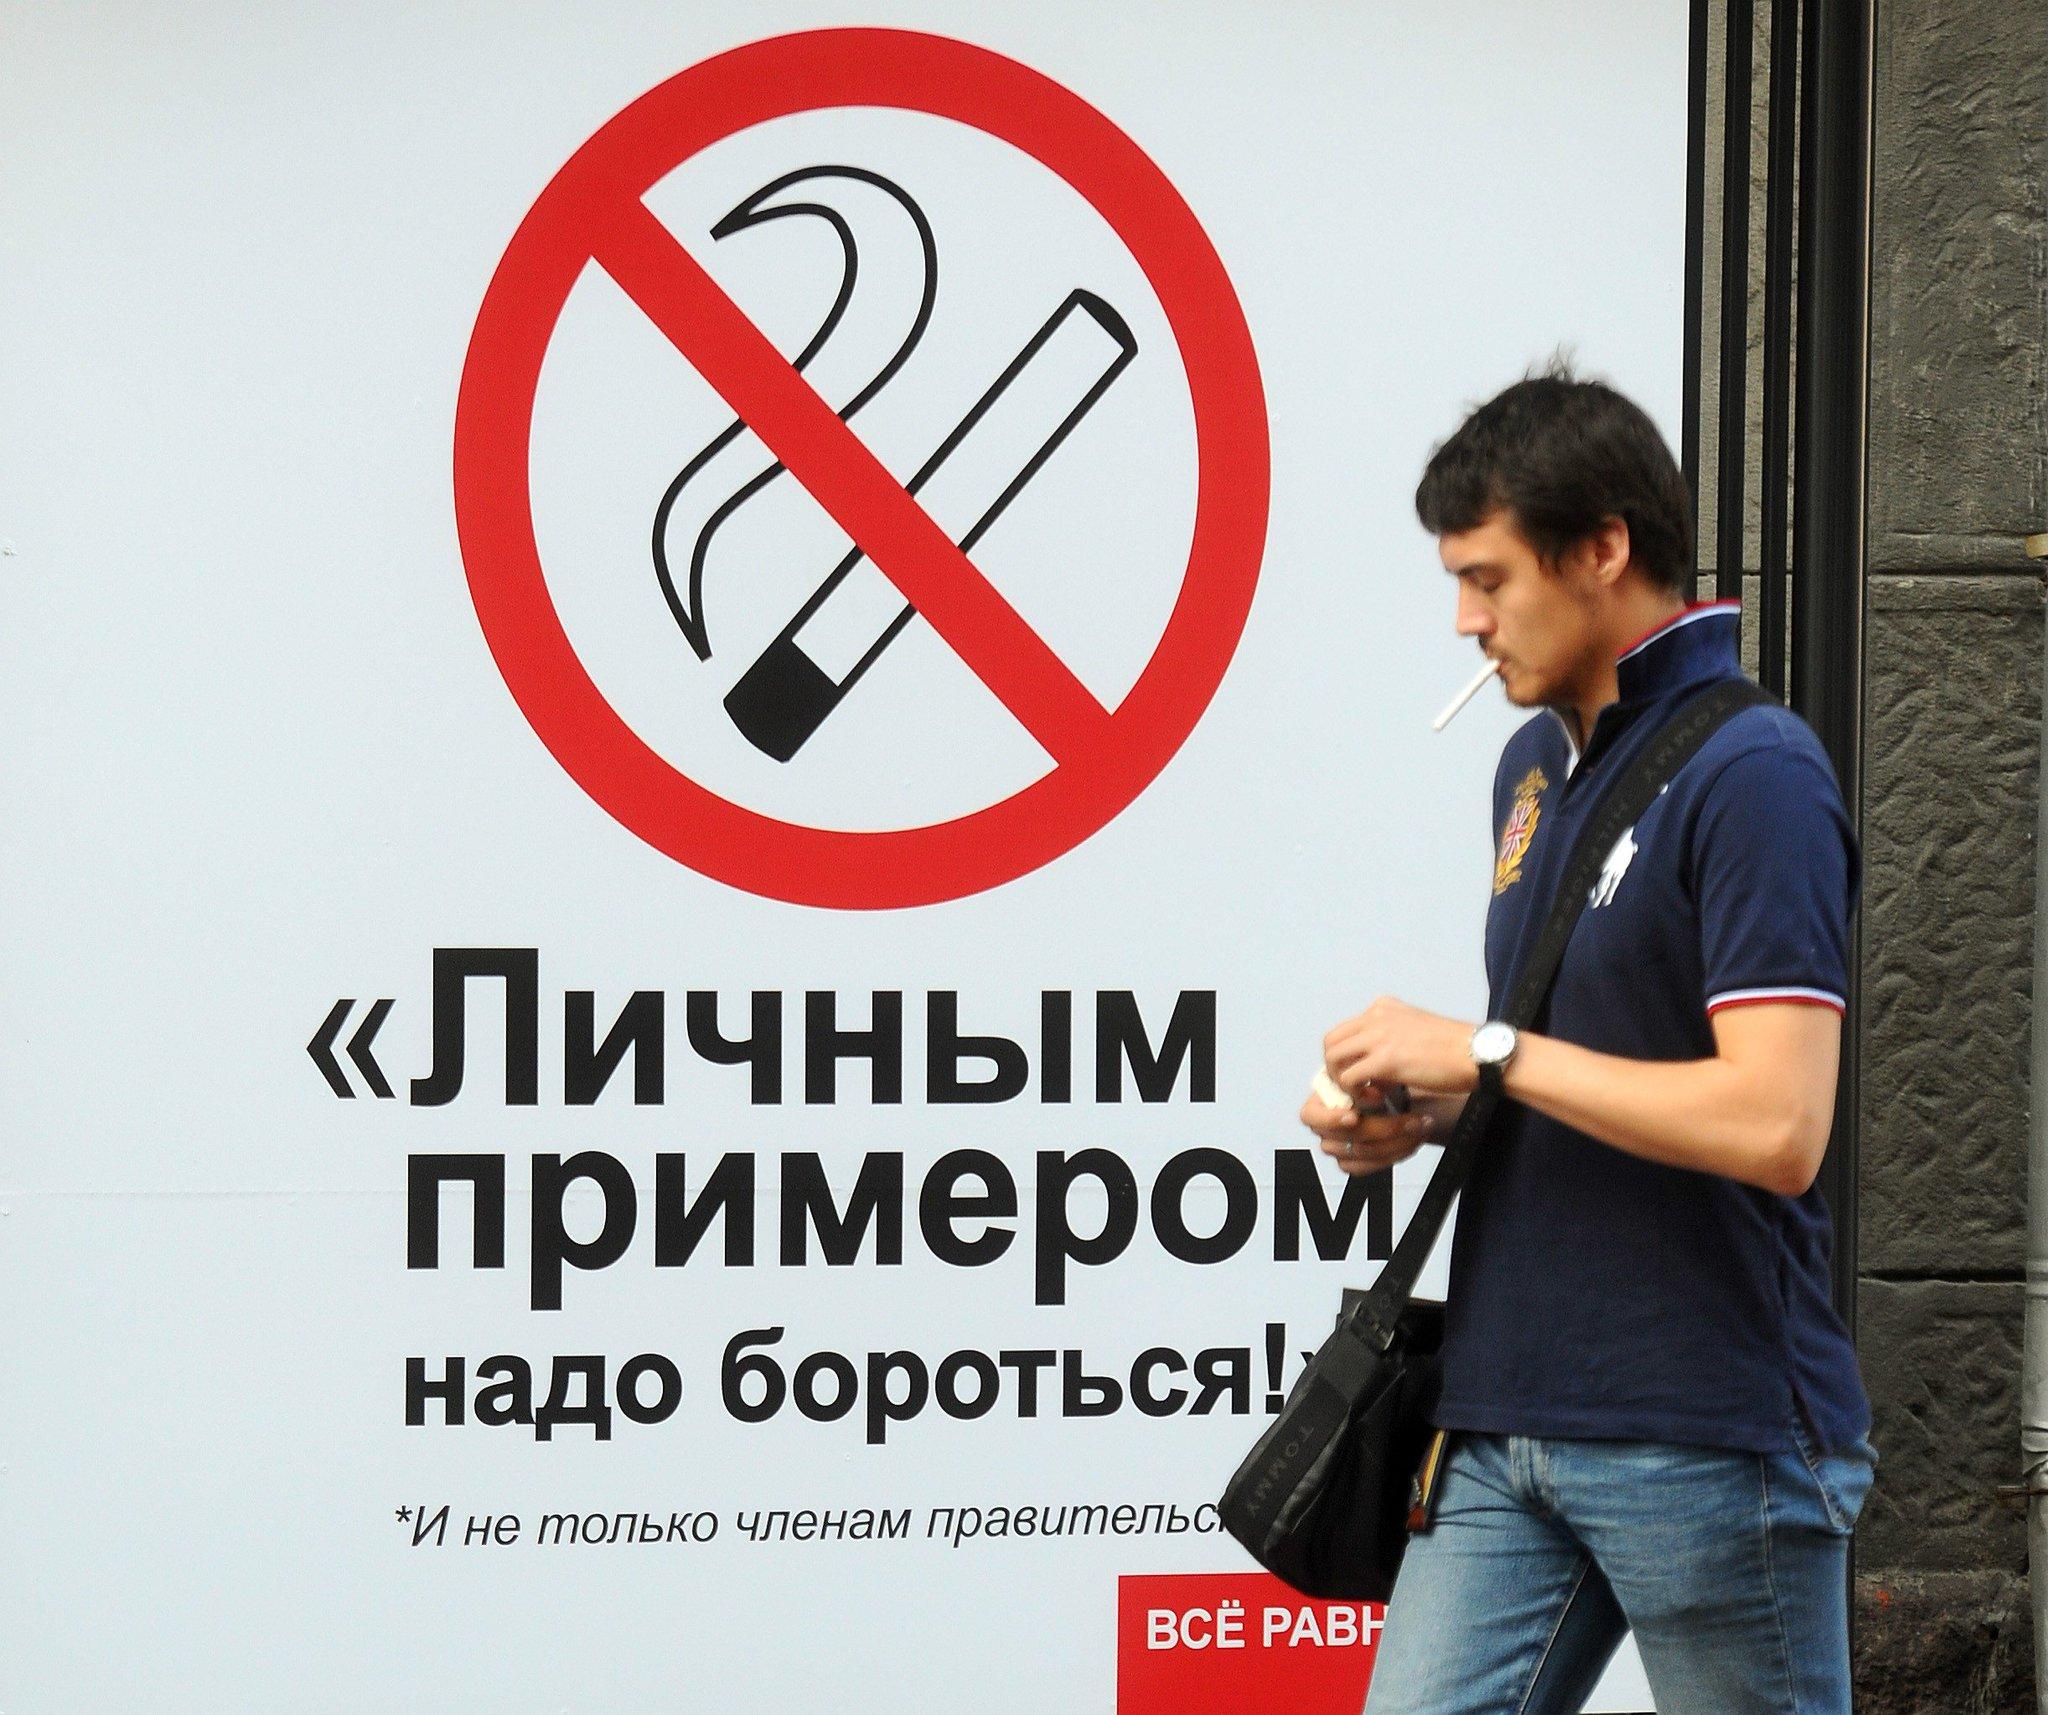 пути картинки против курения в общественных местах помещения необходимо рассматривать